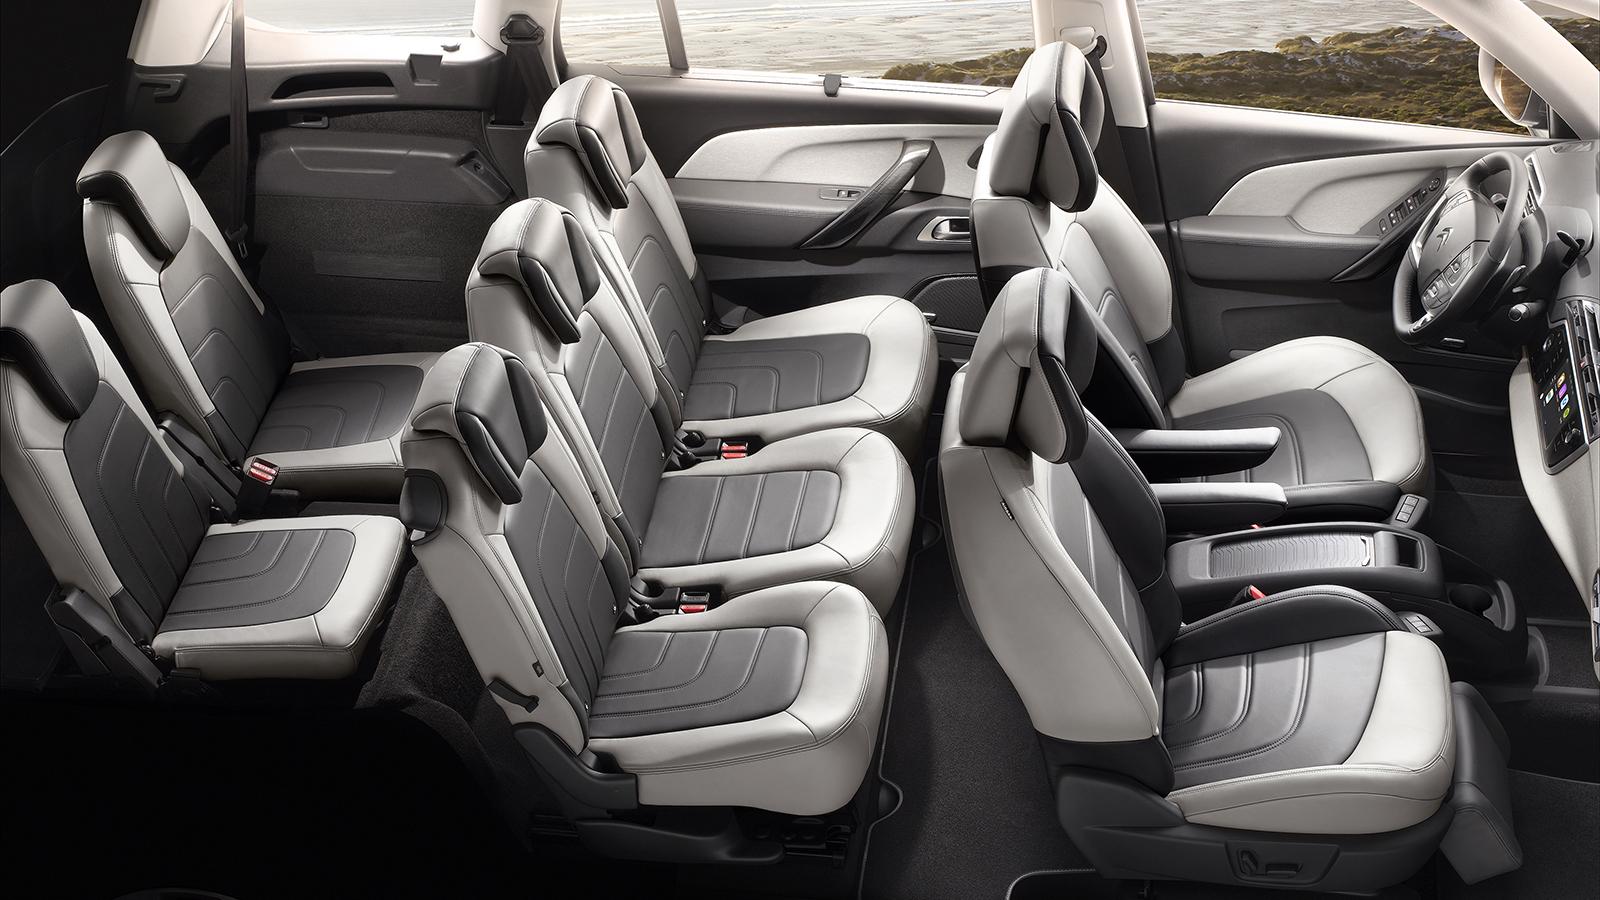 La segunda fila de asientos ofrece tres cómodas butacas individuales de idéntico tamaño, mientras las plazas de la tercera fila solo resultan aptas para niños o para adultos en trayectos cortos.